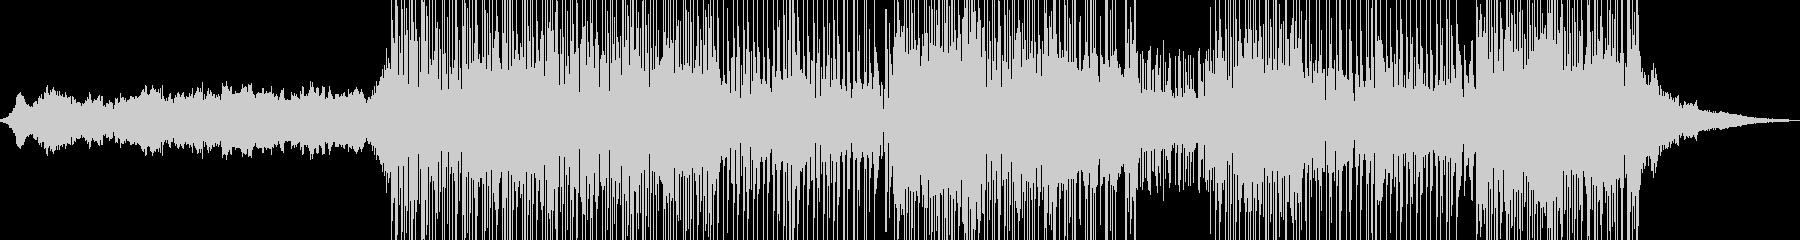 琴・三味線・レトロな演歌調ポップ 長尺+の未再生の波形